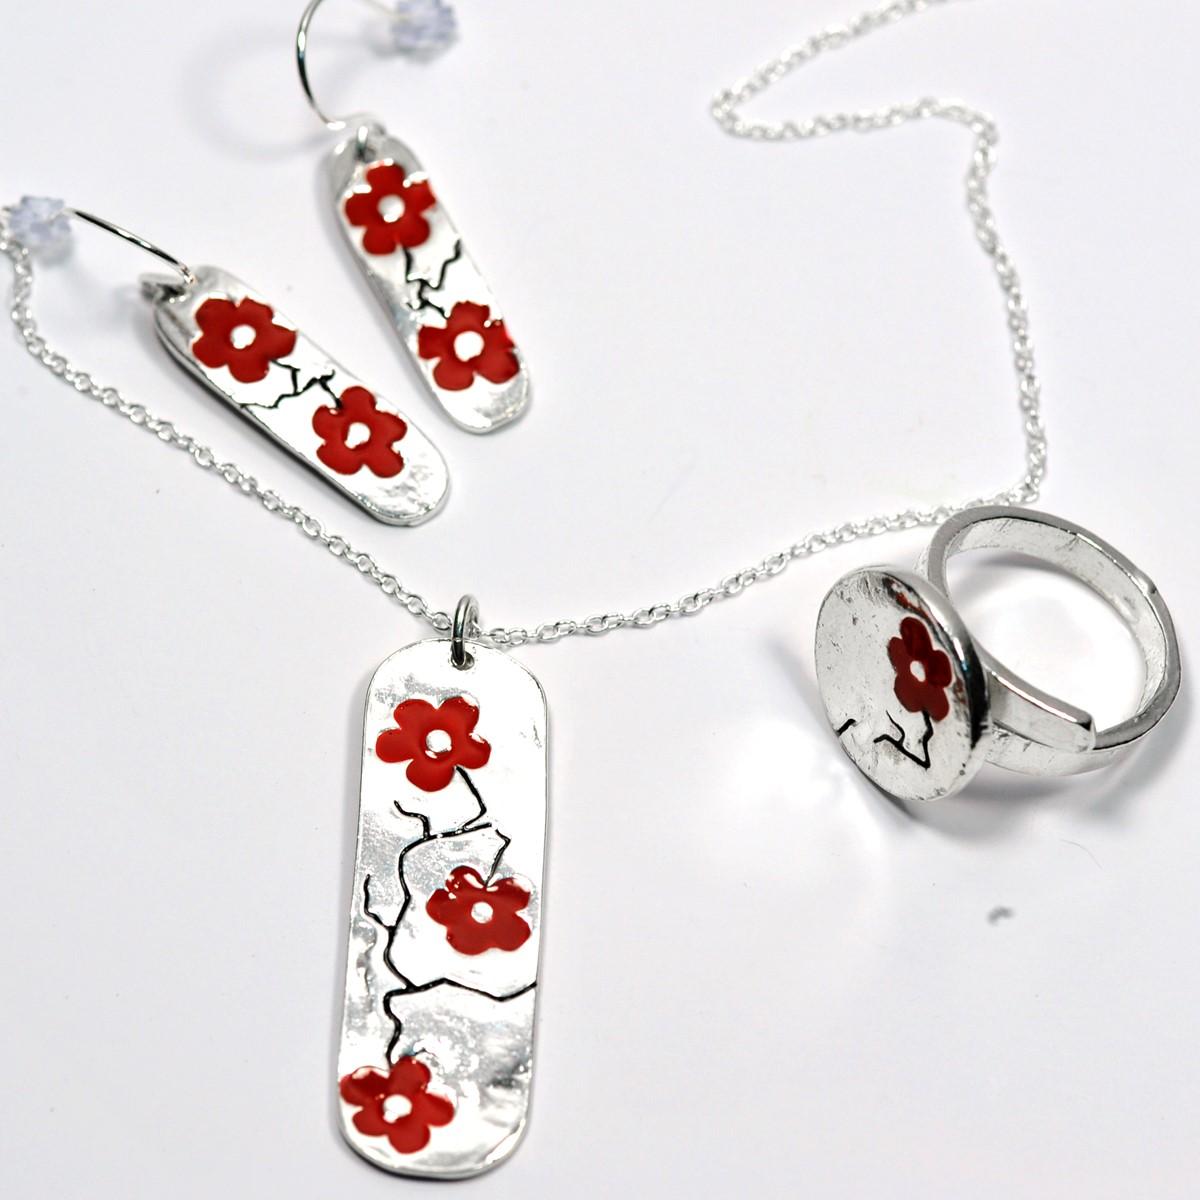 Boucles d'oreilles allong�e en argent massif - Fleurs de cerisier